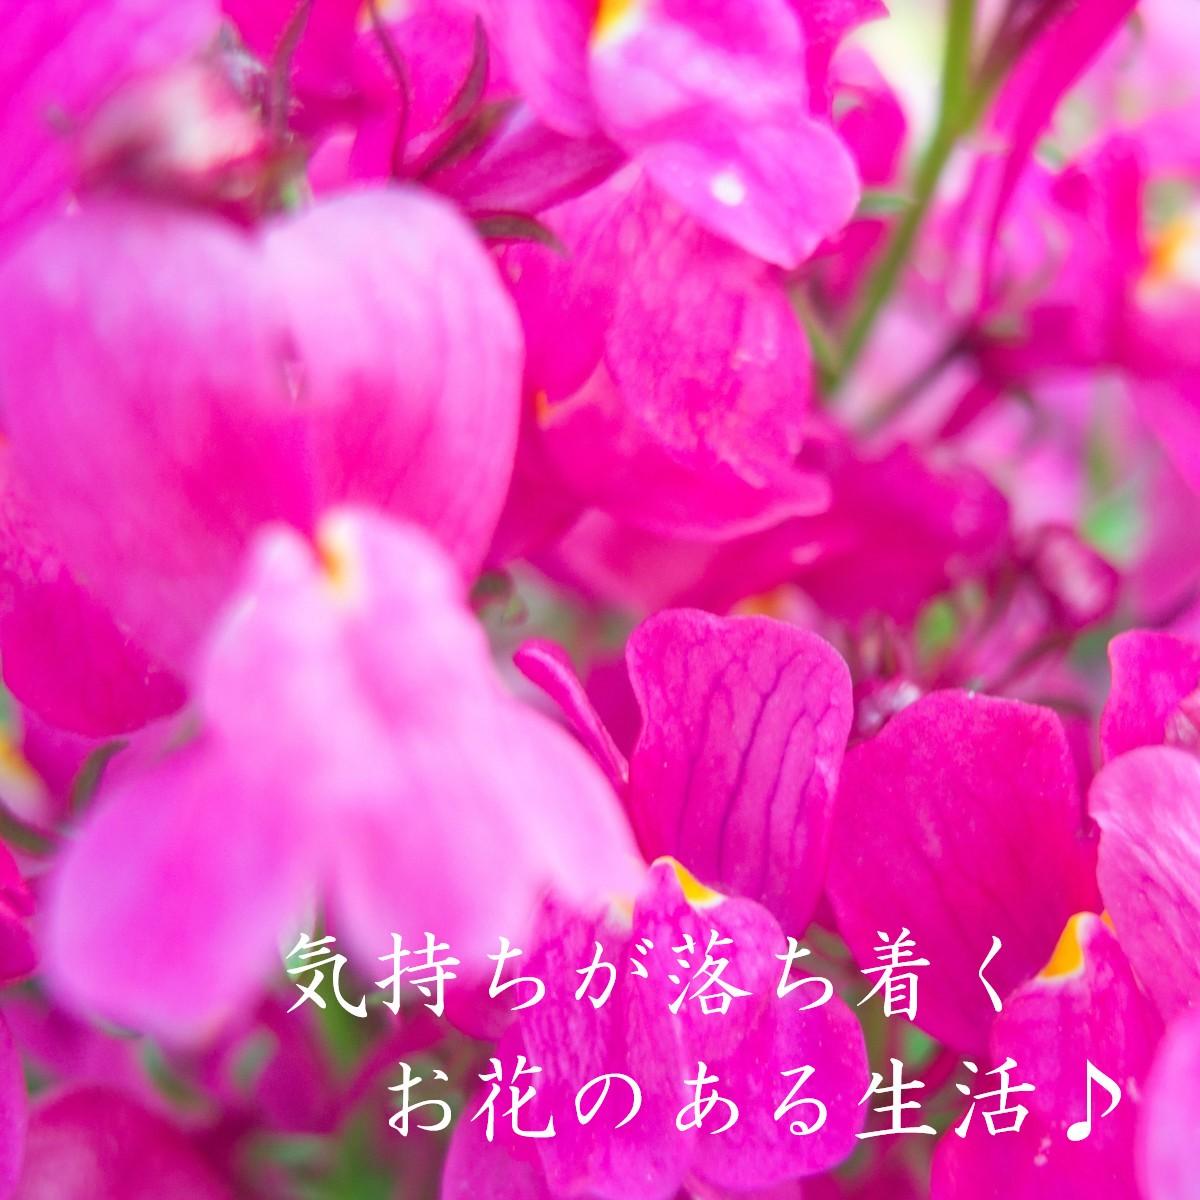 長持ちする「お花」を生活の一部に♪